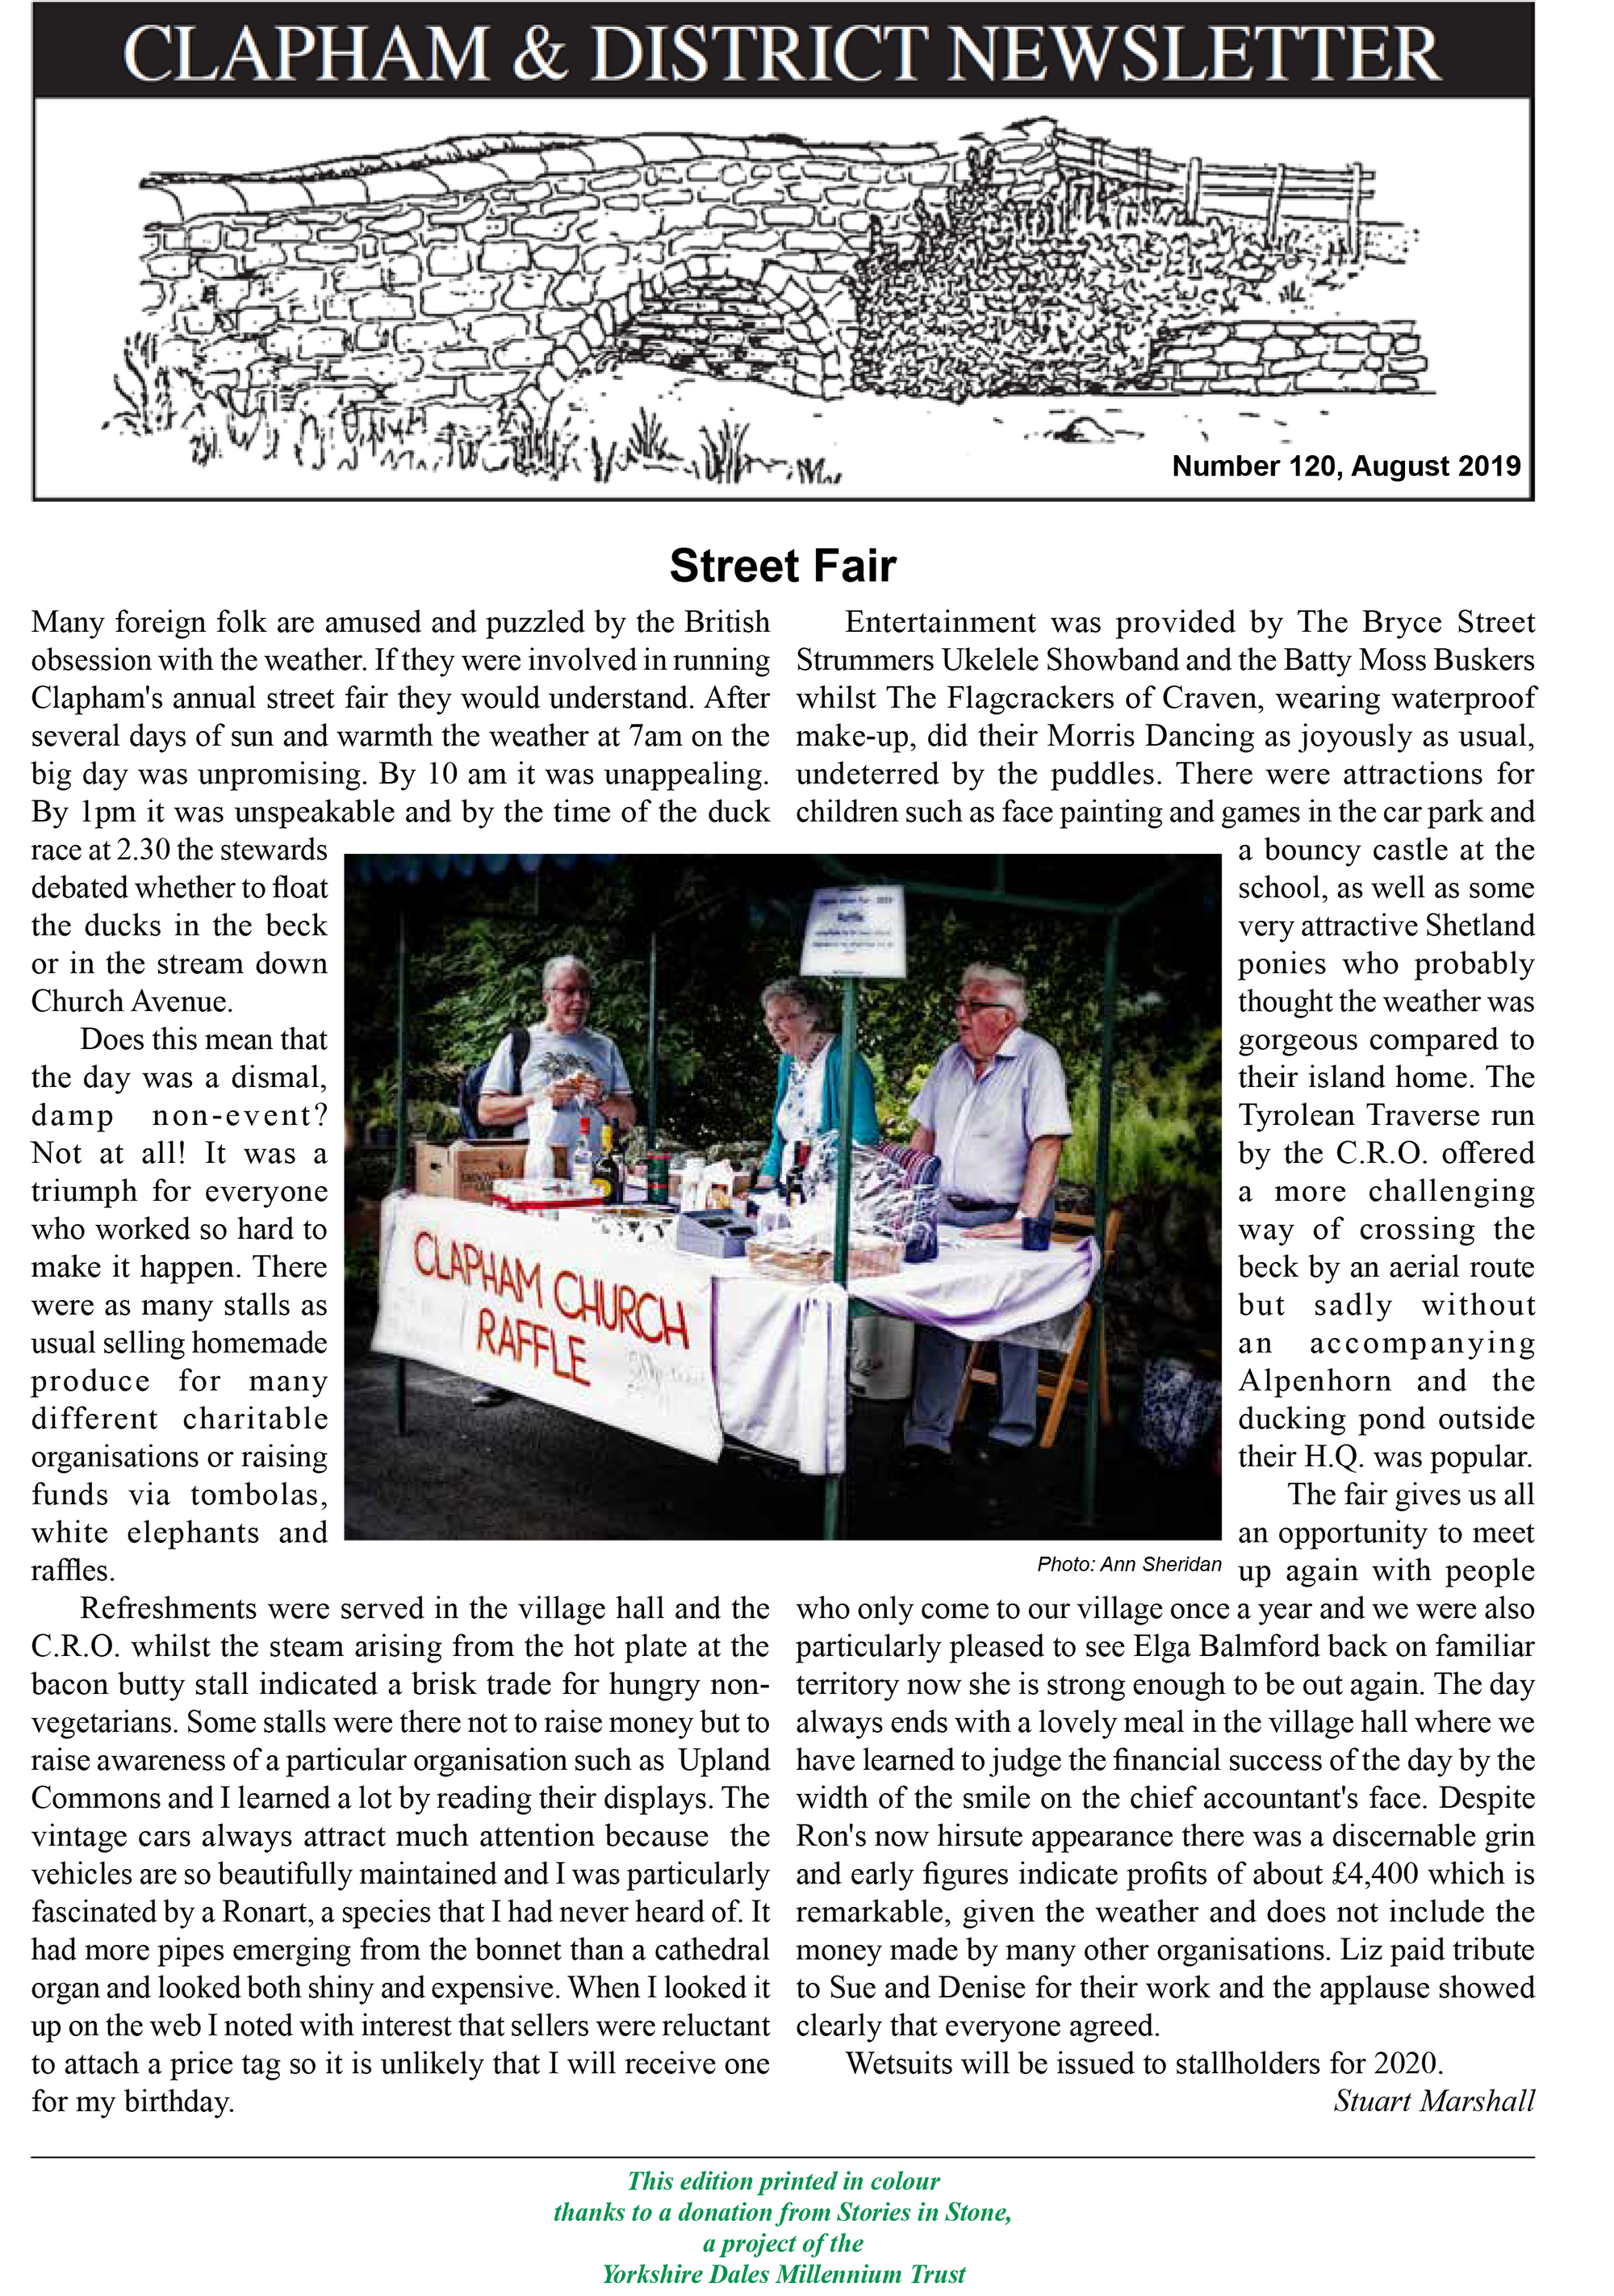 clapham-newsletter-120-august-2019-1